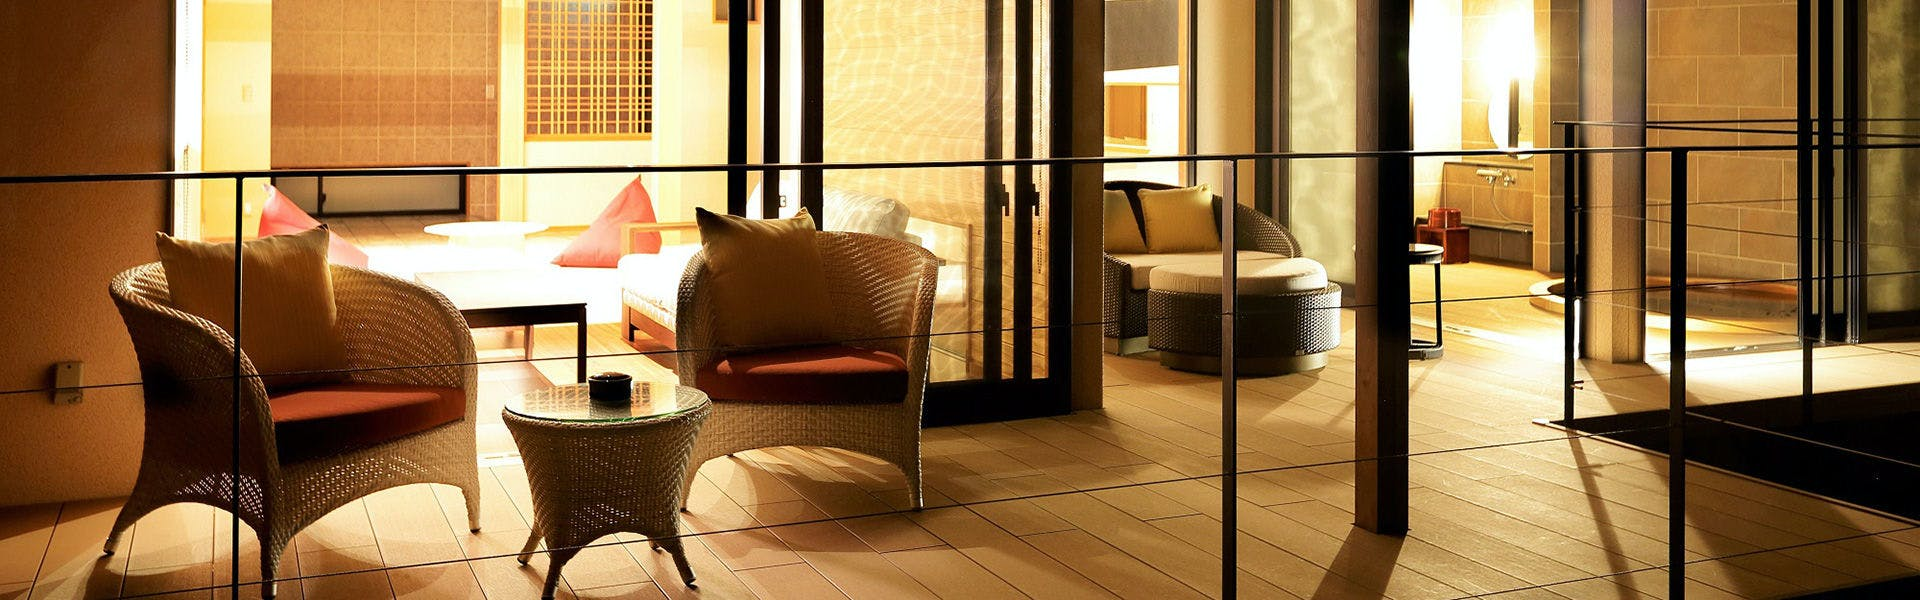 記念日におすすめのホテル・ふたりとわに 縁の写真2